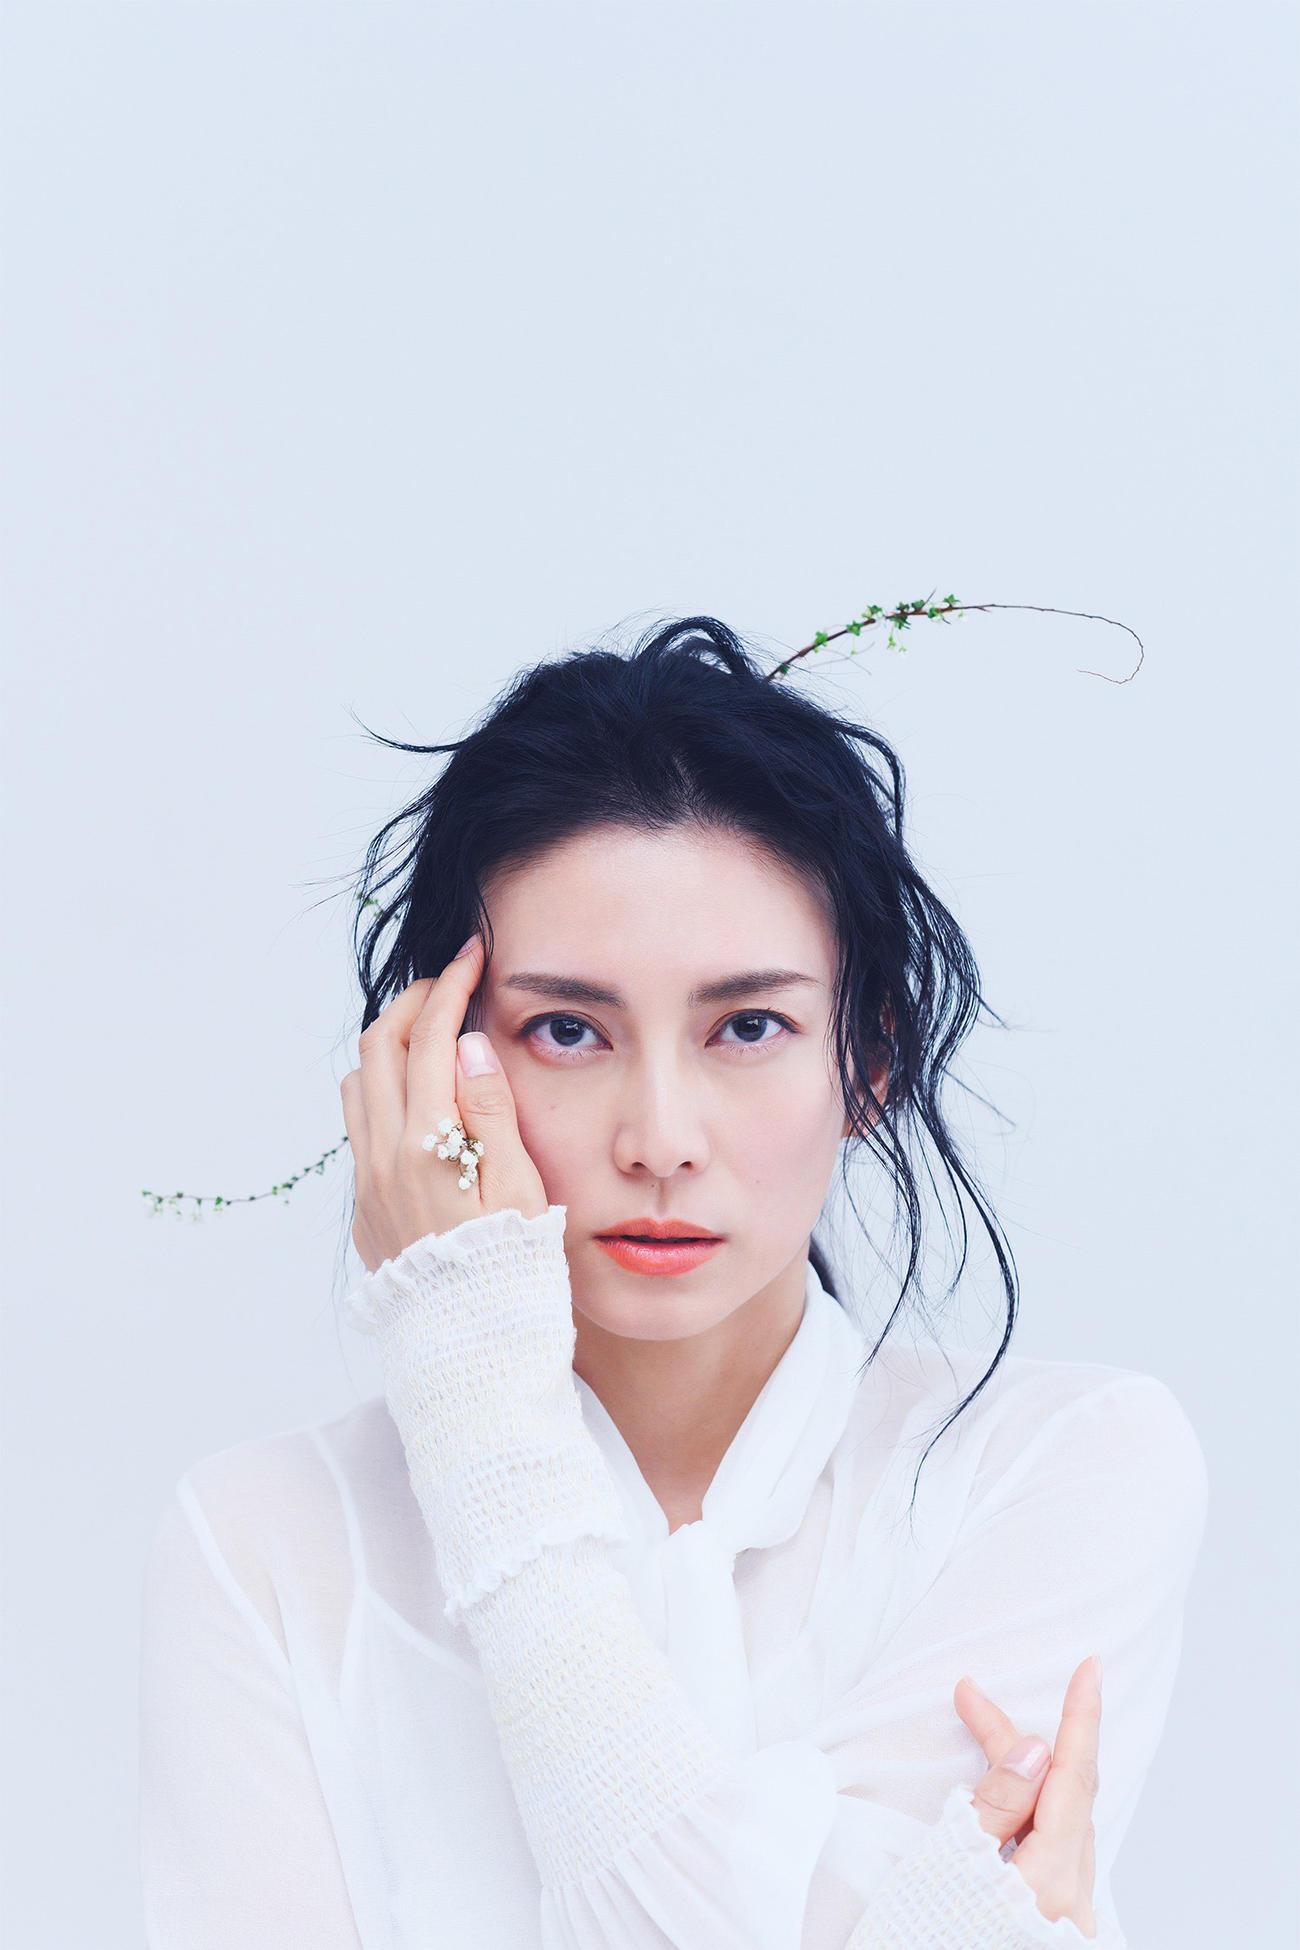 10月期の日本テレビ系連続ドラマ「35歳の少女」で民放連続ドラマで5年ぶりに主演を務める女優柴咲コウ